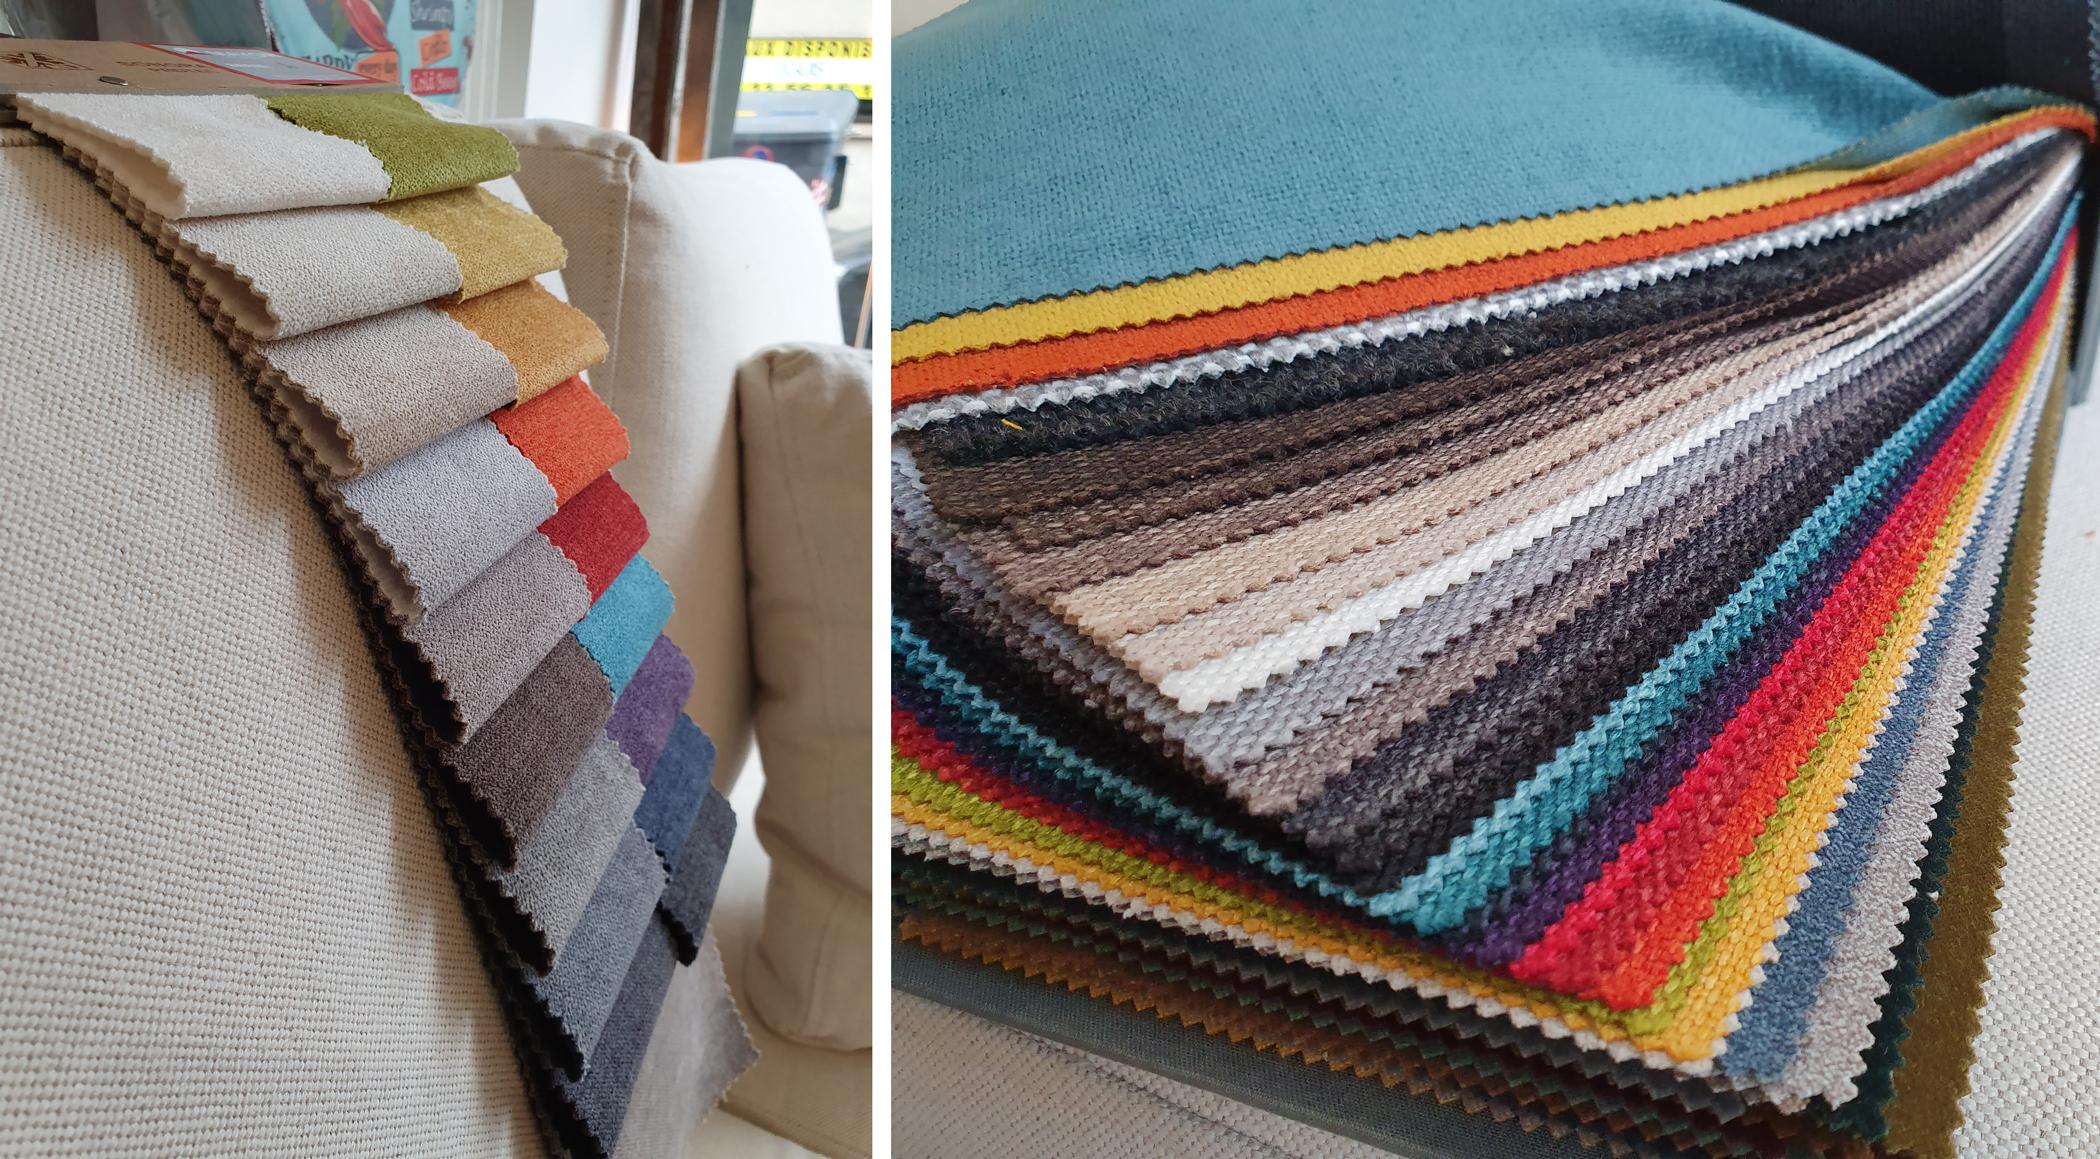 Liasse de tissus pour canapé, choisir la bonne couleur